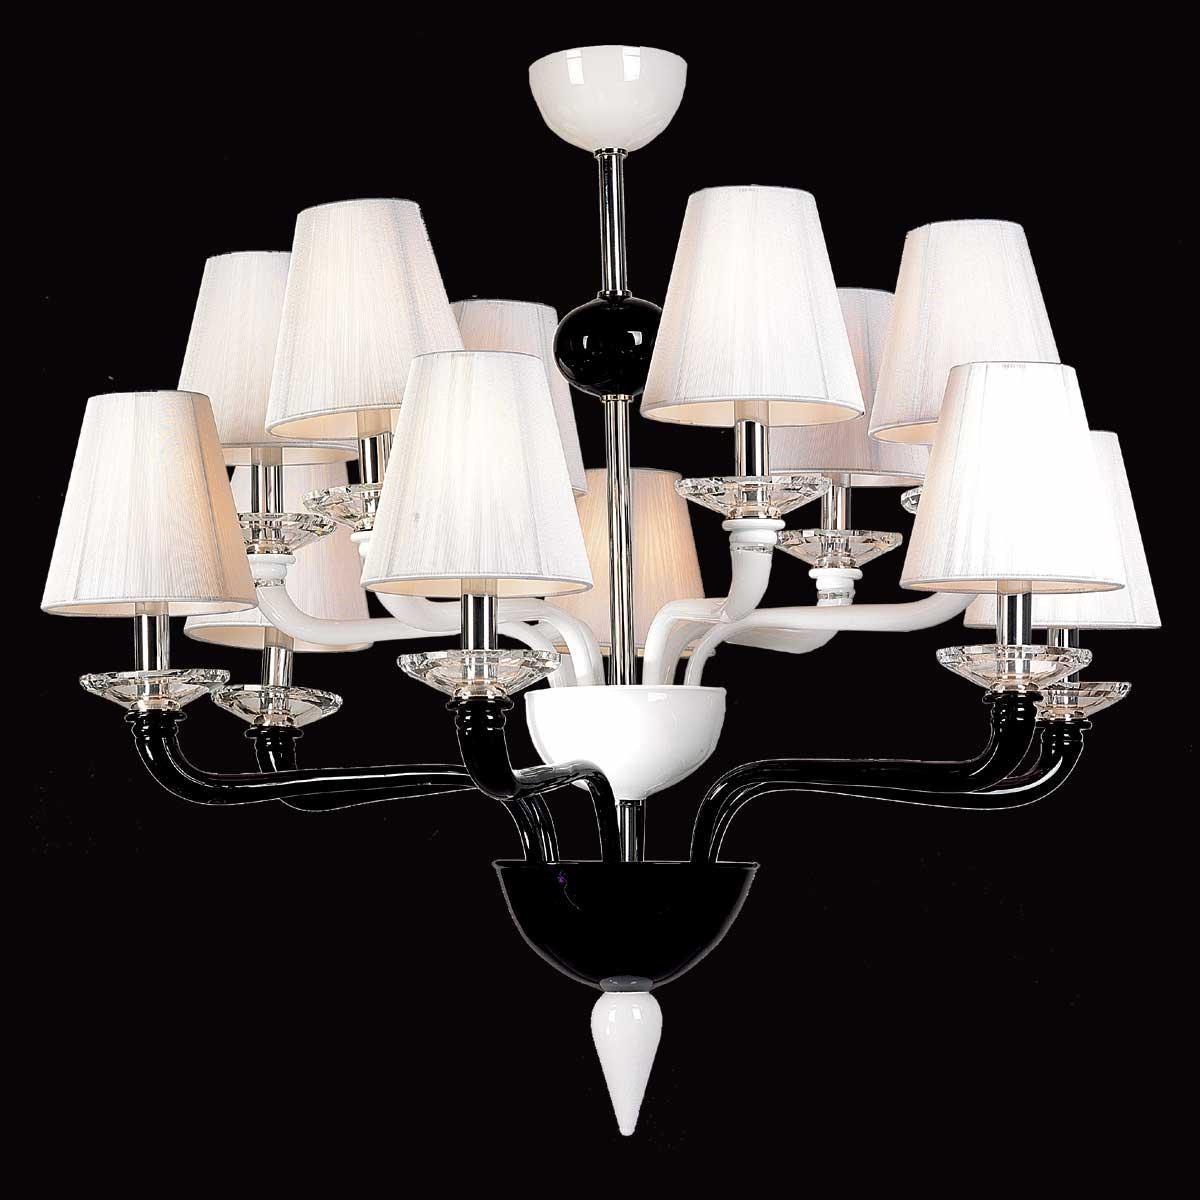 """""""Nora"""" lampara de araña de Murano - 6+6 luces - negro y blanco"""